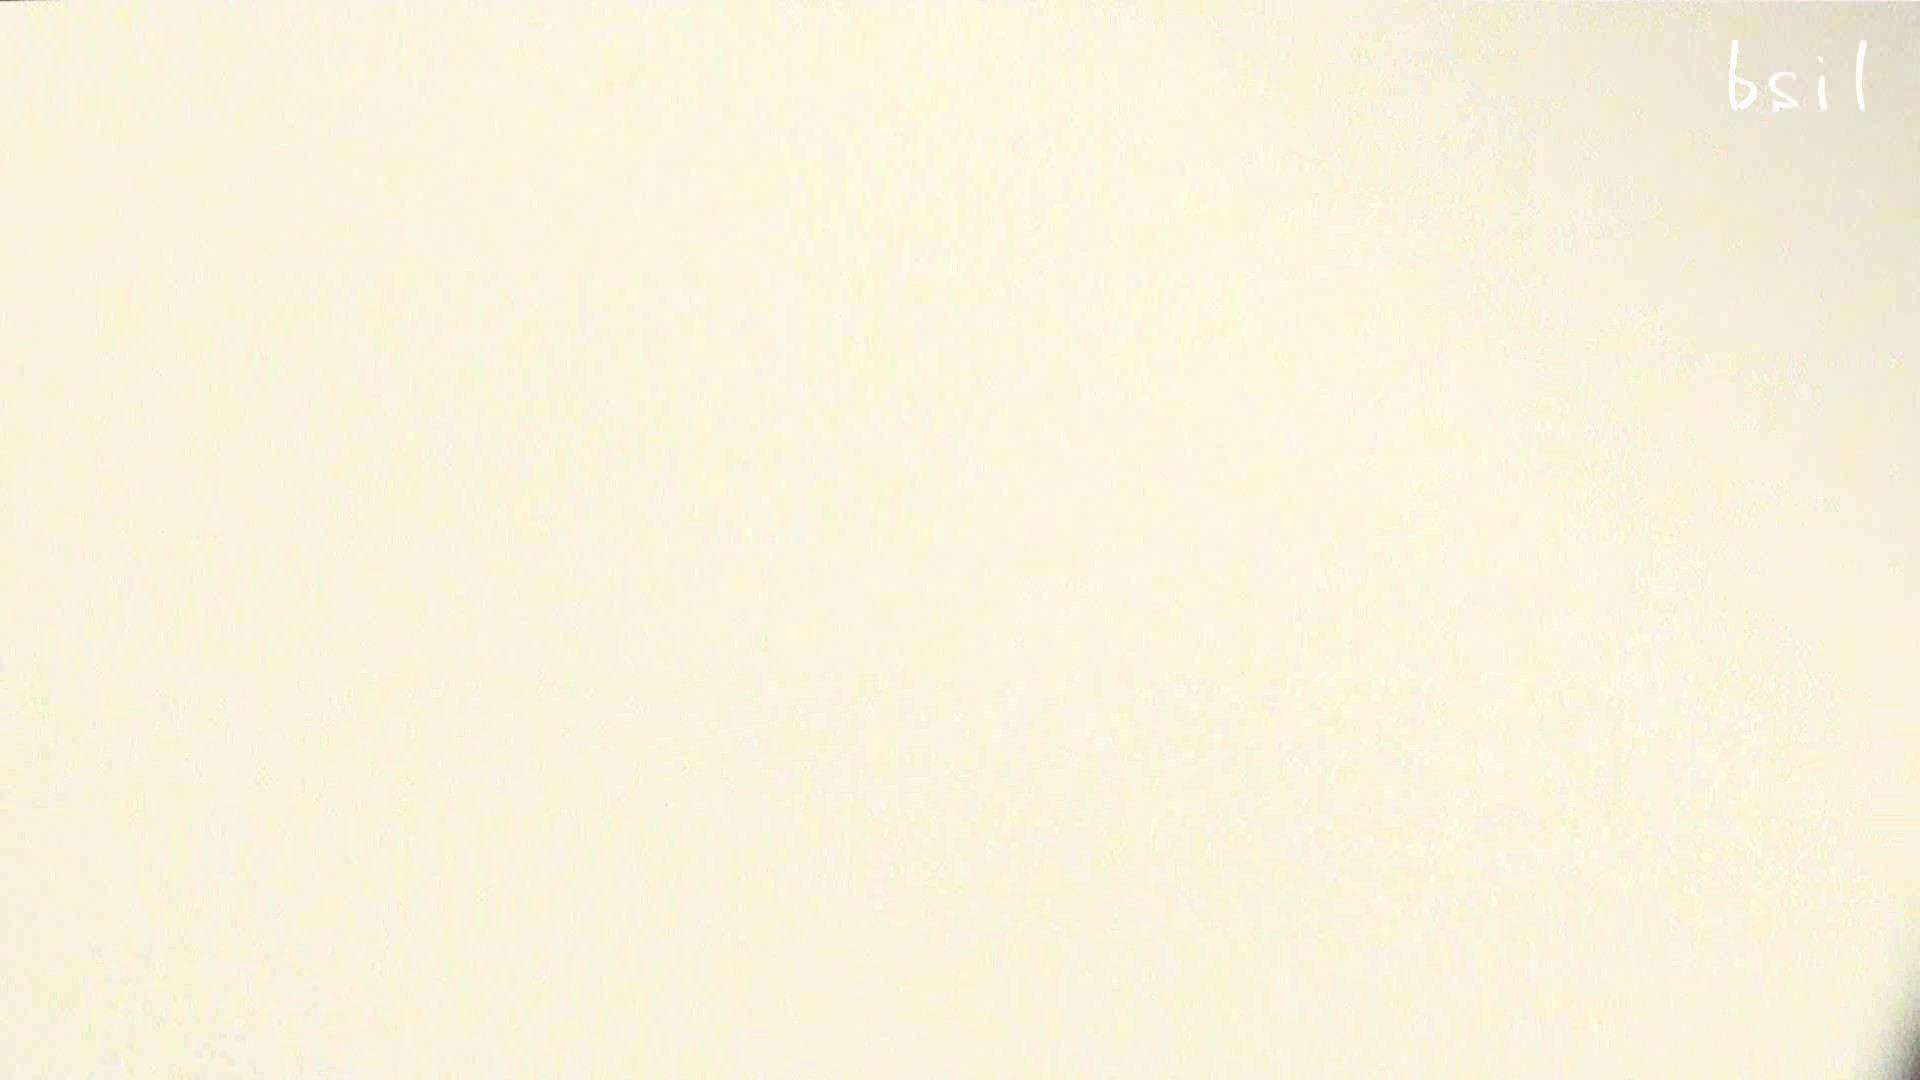 至高下半身盗撮-PREMIUM-【院内病棟編 】 vol.01 盗撮  59画像 25